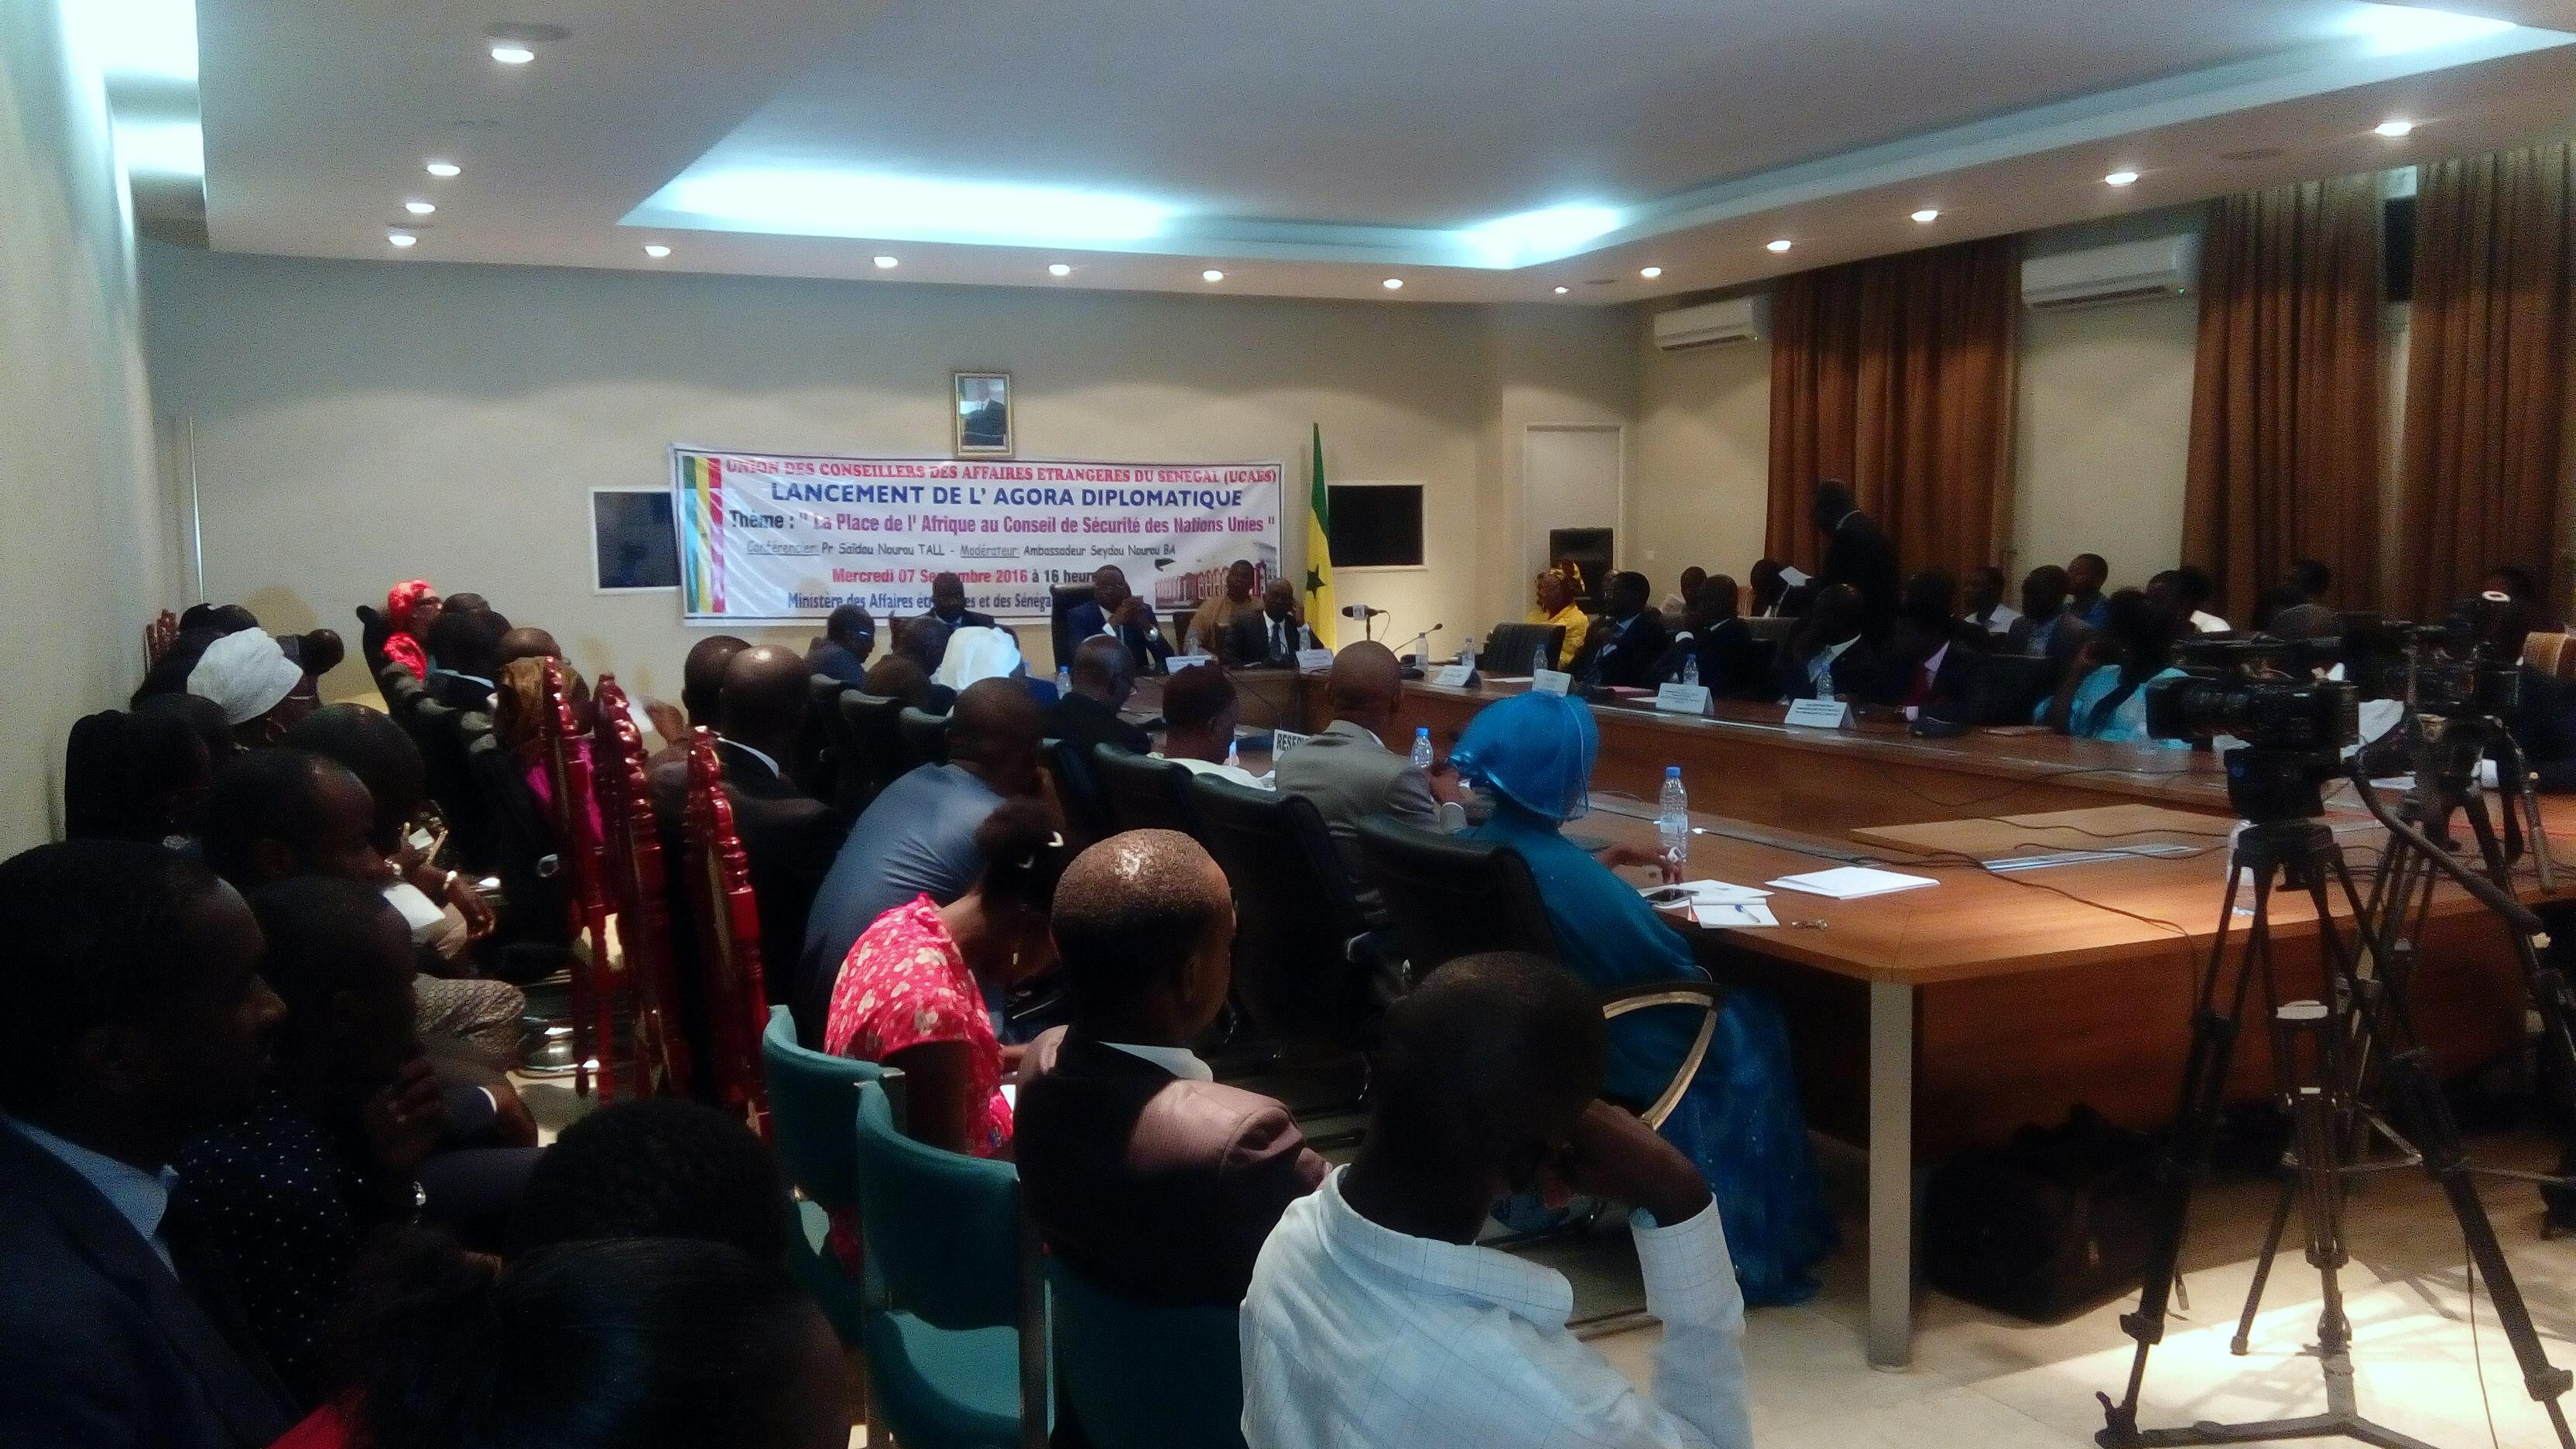 Réforme de la gouvernance mondiale : « L'Afrique doit être présente et considérée et écoutée… » (Professeur Seydou Nourou Tall)